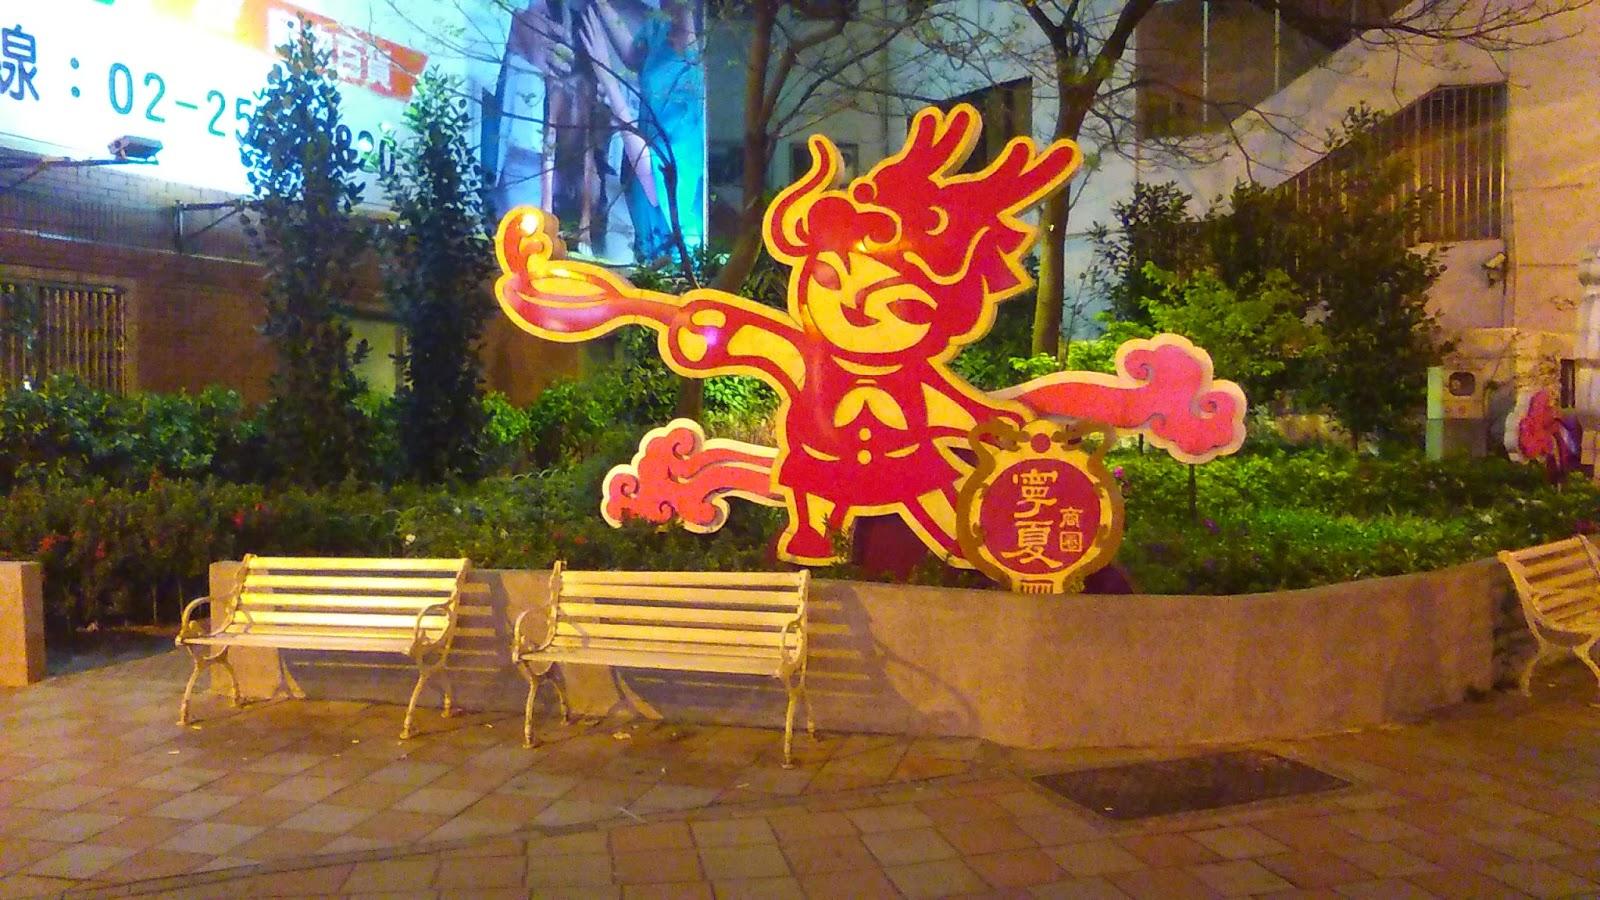 クリサンのブログ: 台湾旅行に行ってきた(2日目後半・迪化街・台北地下街・寧夏路夜市) クリサン